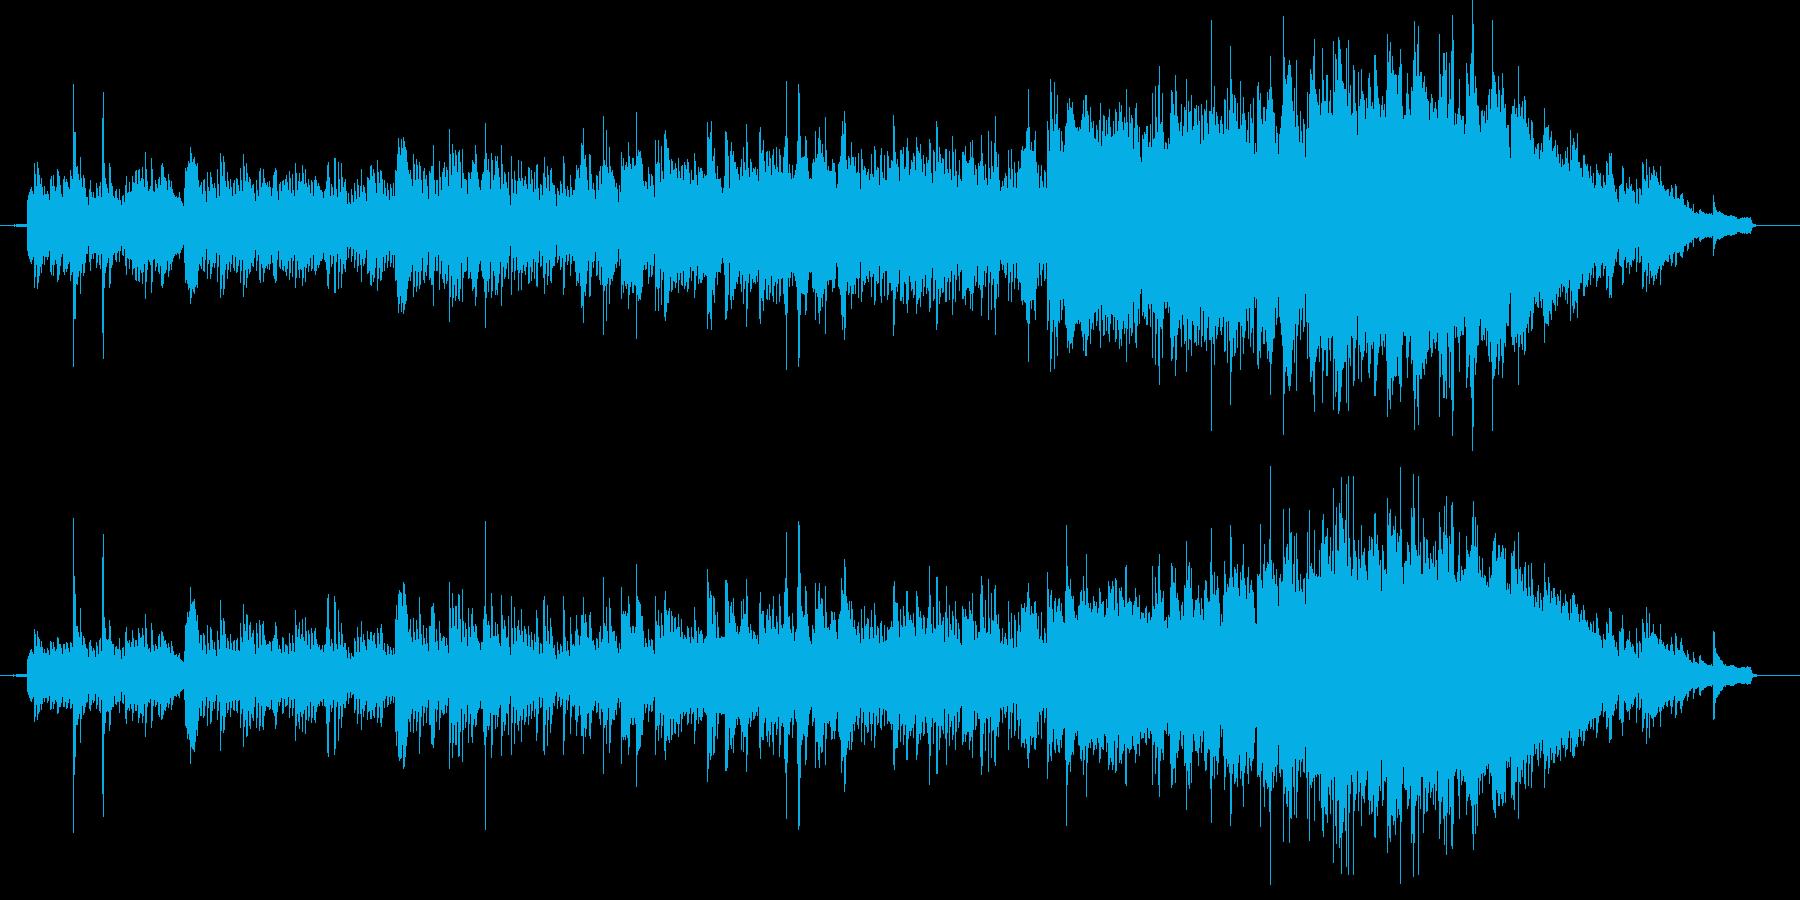 クラシカルなピアノ・バラードの再生済みの波形